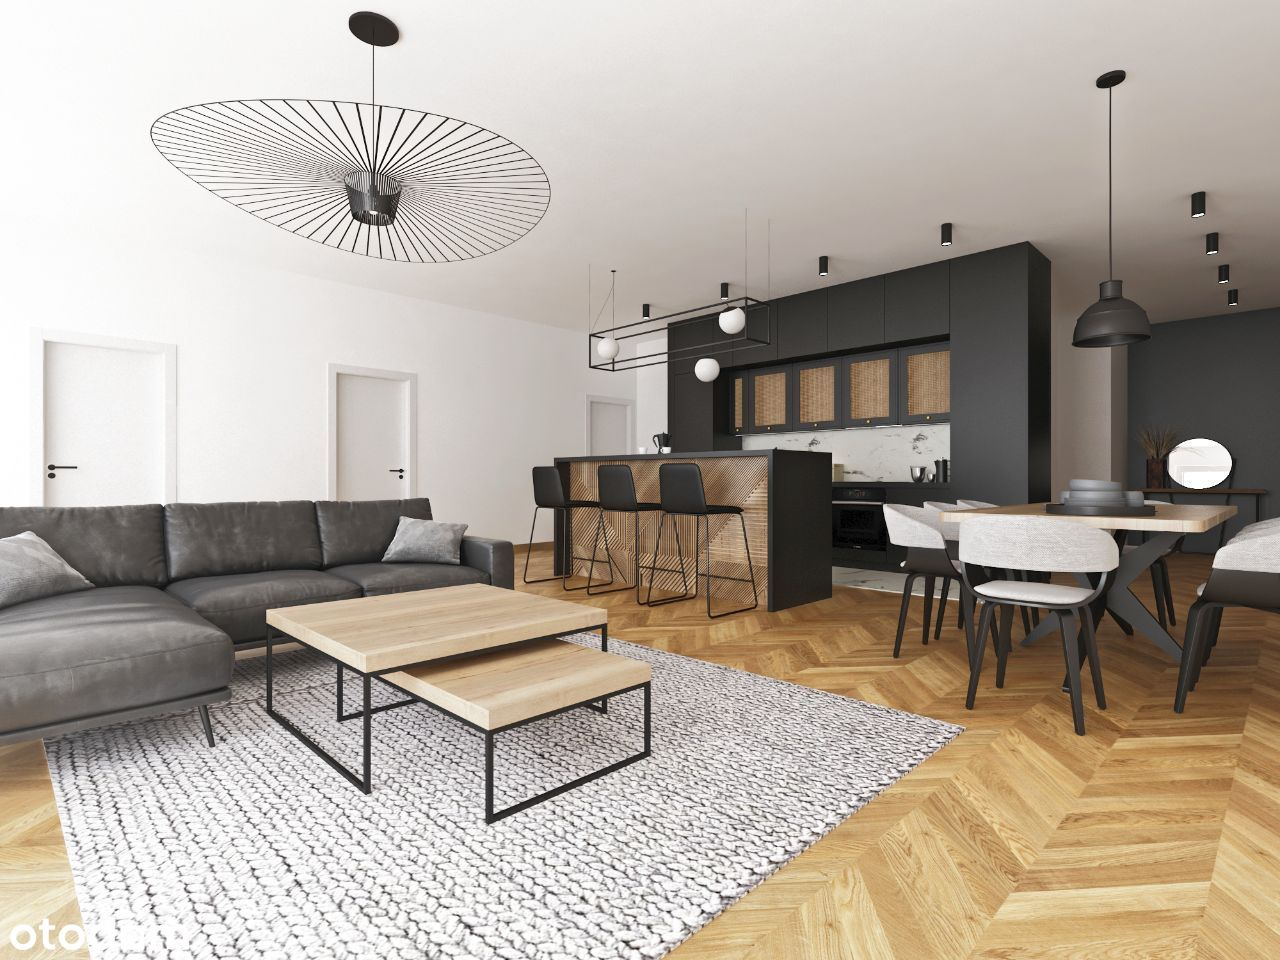 Apartament 4-pokojowy 118,32 m2 z balkonem